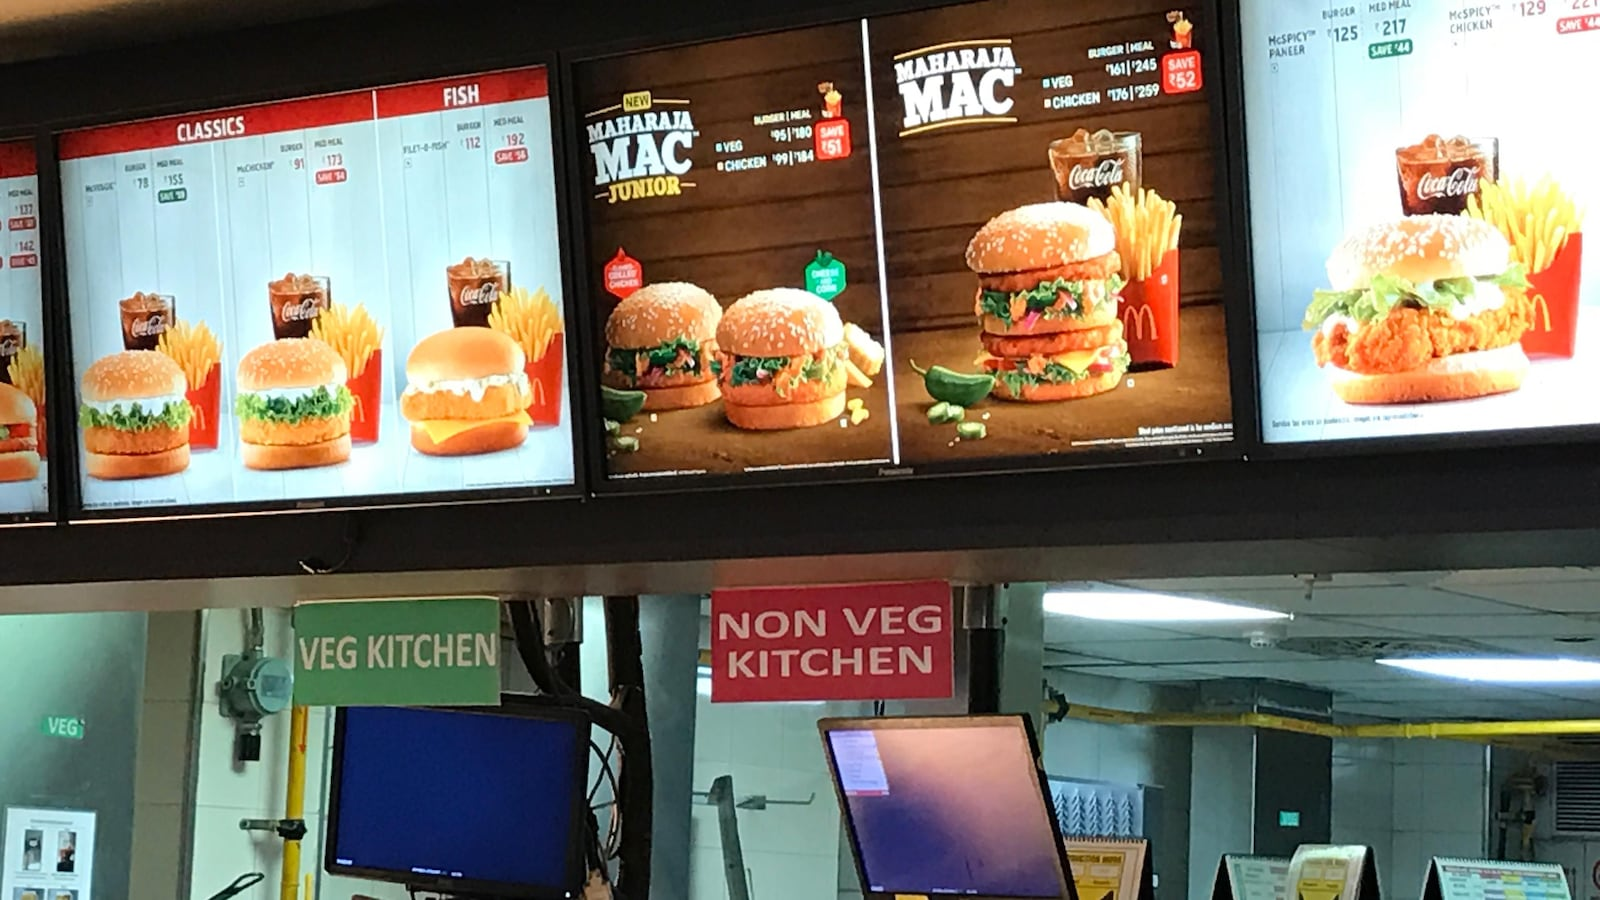 Panneau lumineux affichant le menu d'un restaurant McDonald's.